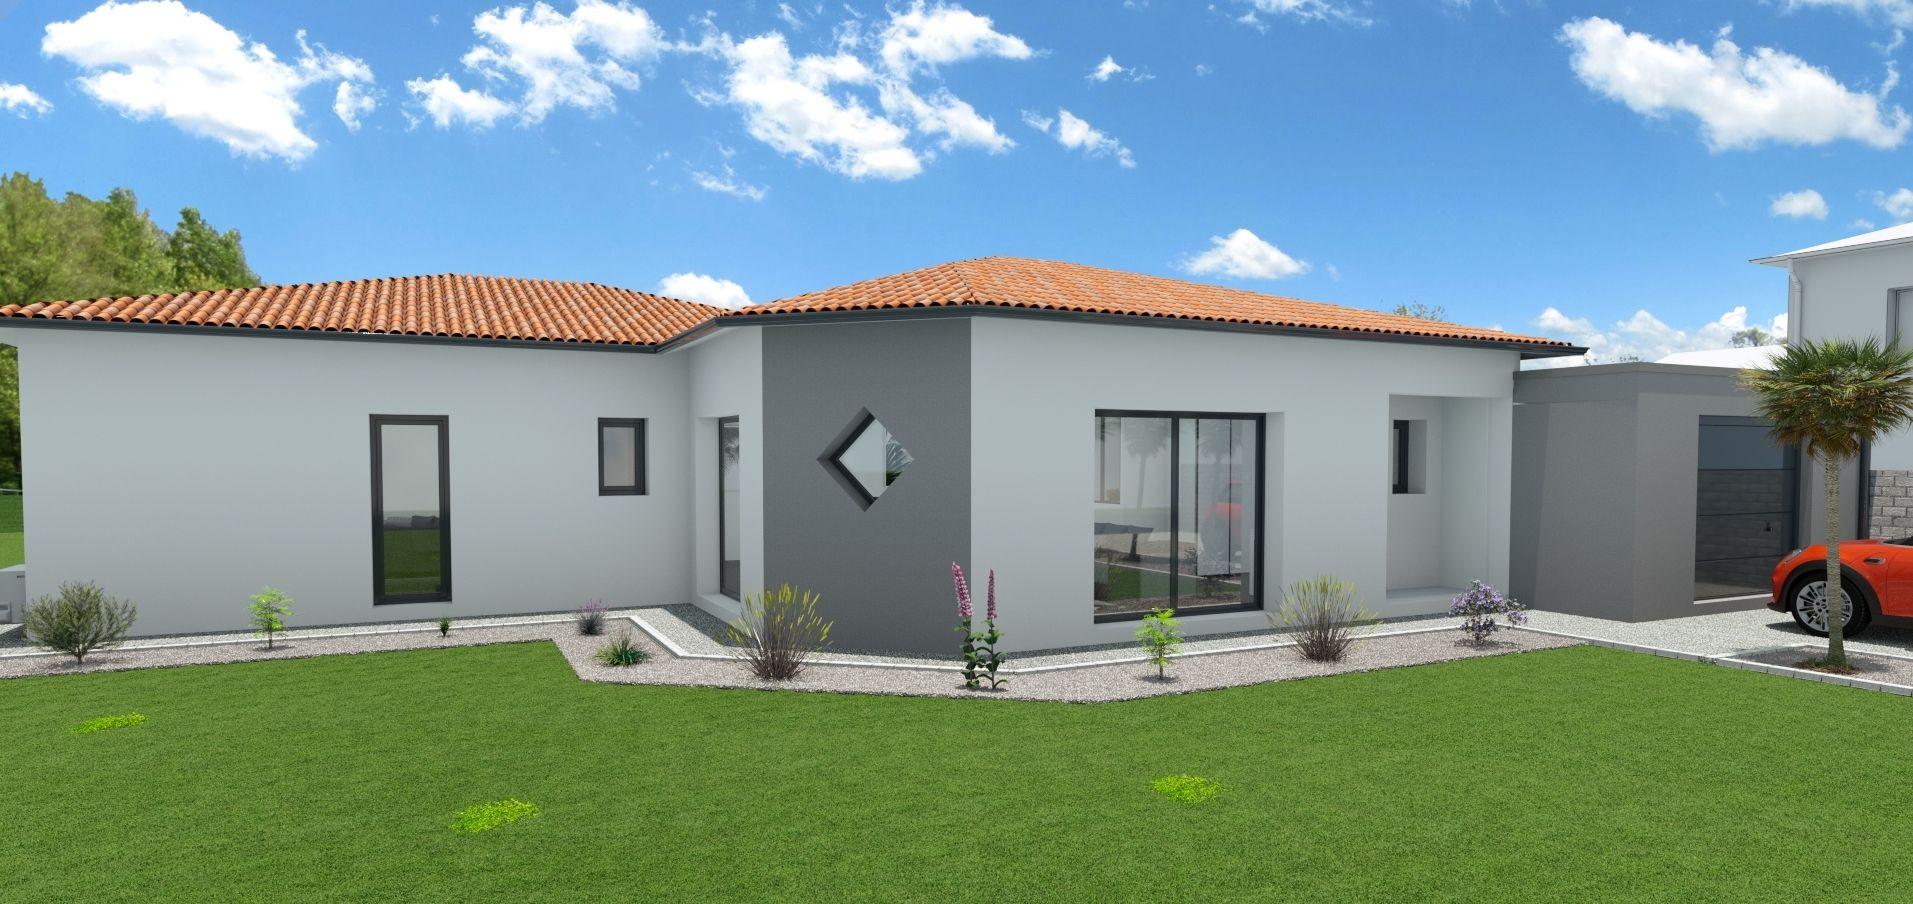 Photo de la maison n°3 de 127 m² à SAINTES